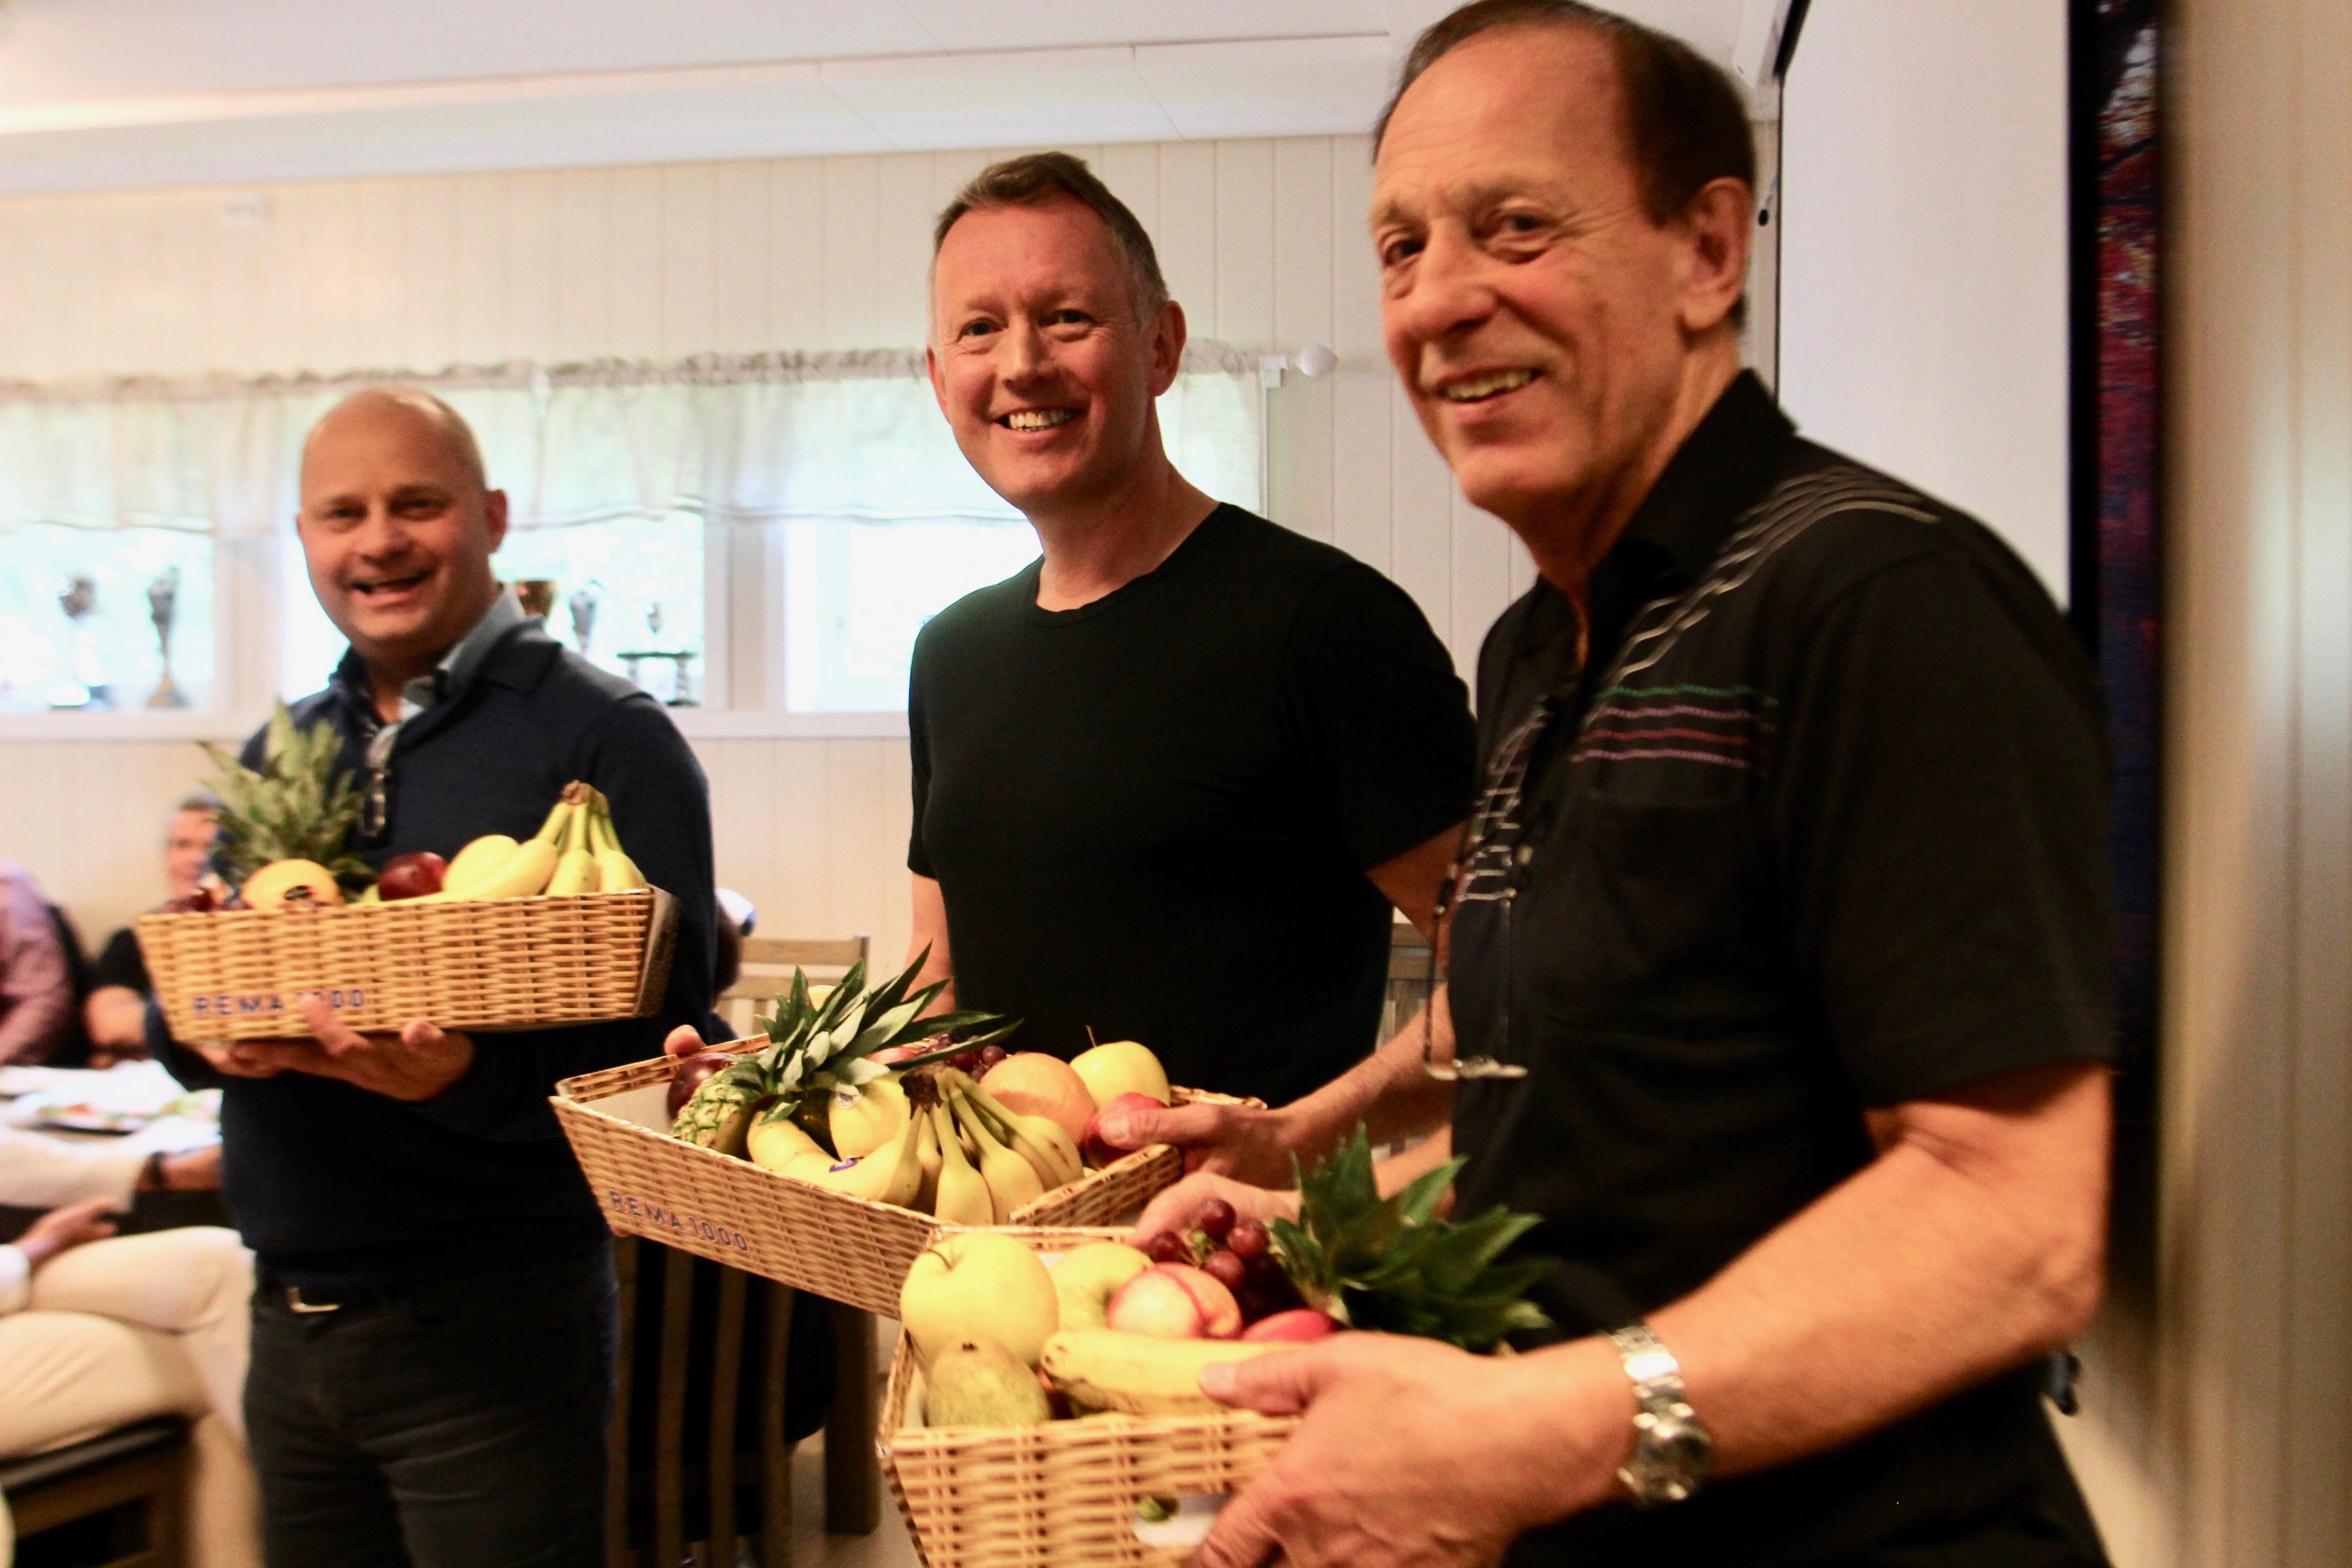 Arve Ulriksen og Henrik Johansen fikk fruktkurv for sine inspirerende foredrag på dagens impulssamling, mens Kjell Ringstad fikk påskjønnelsen for sitt langvarige, utrettelige arbeid for Mo IL og klubbhuset.